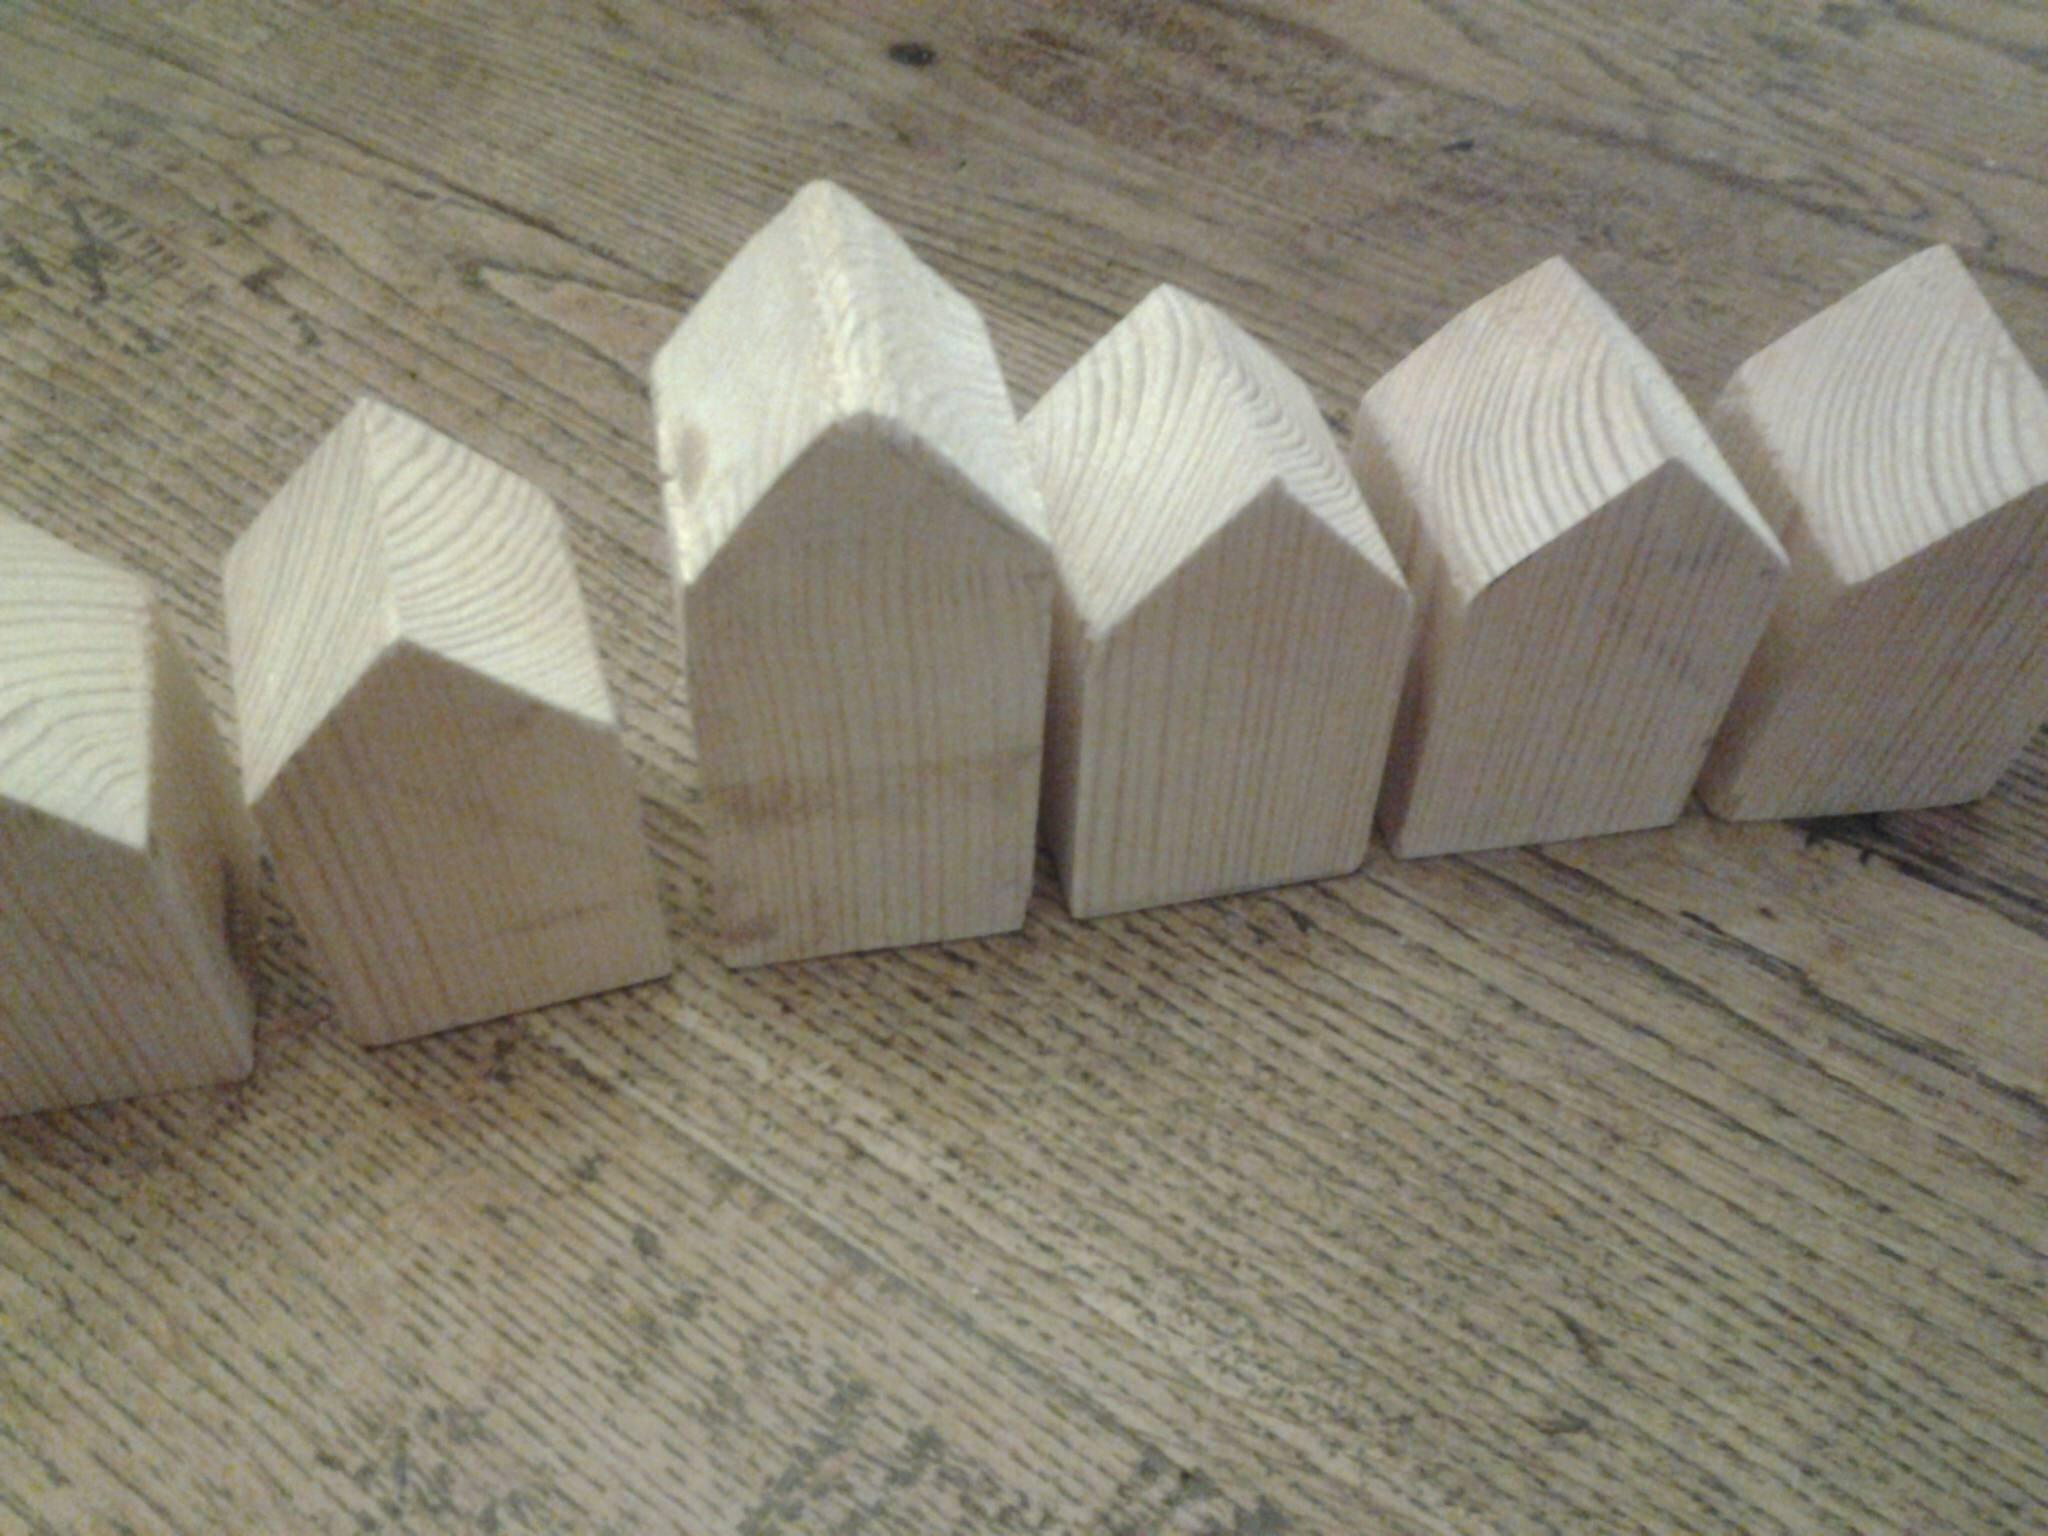 des petites maisons en bois cette fois